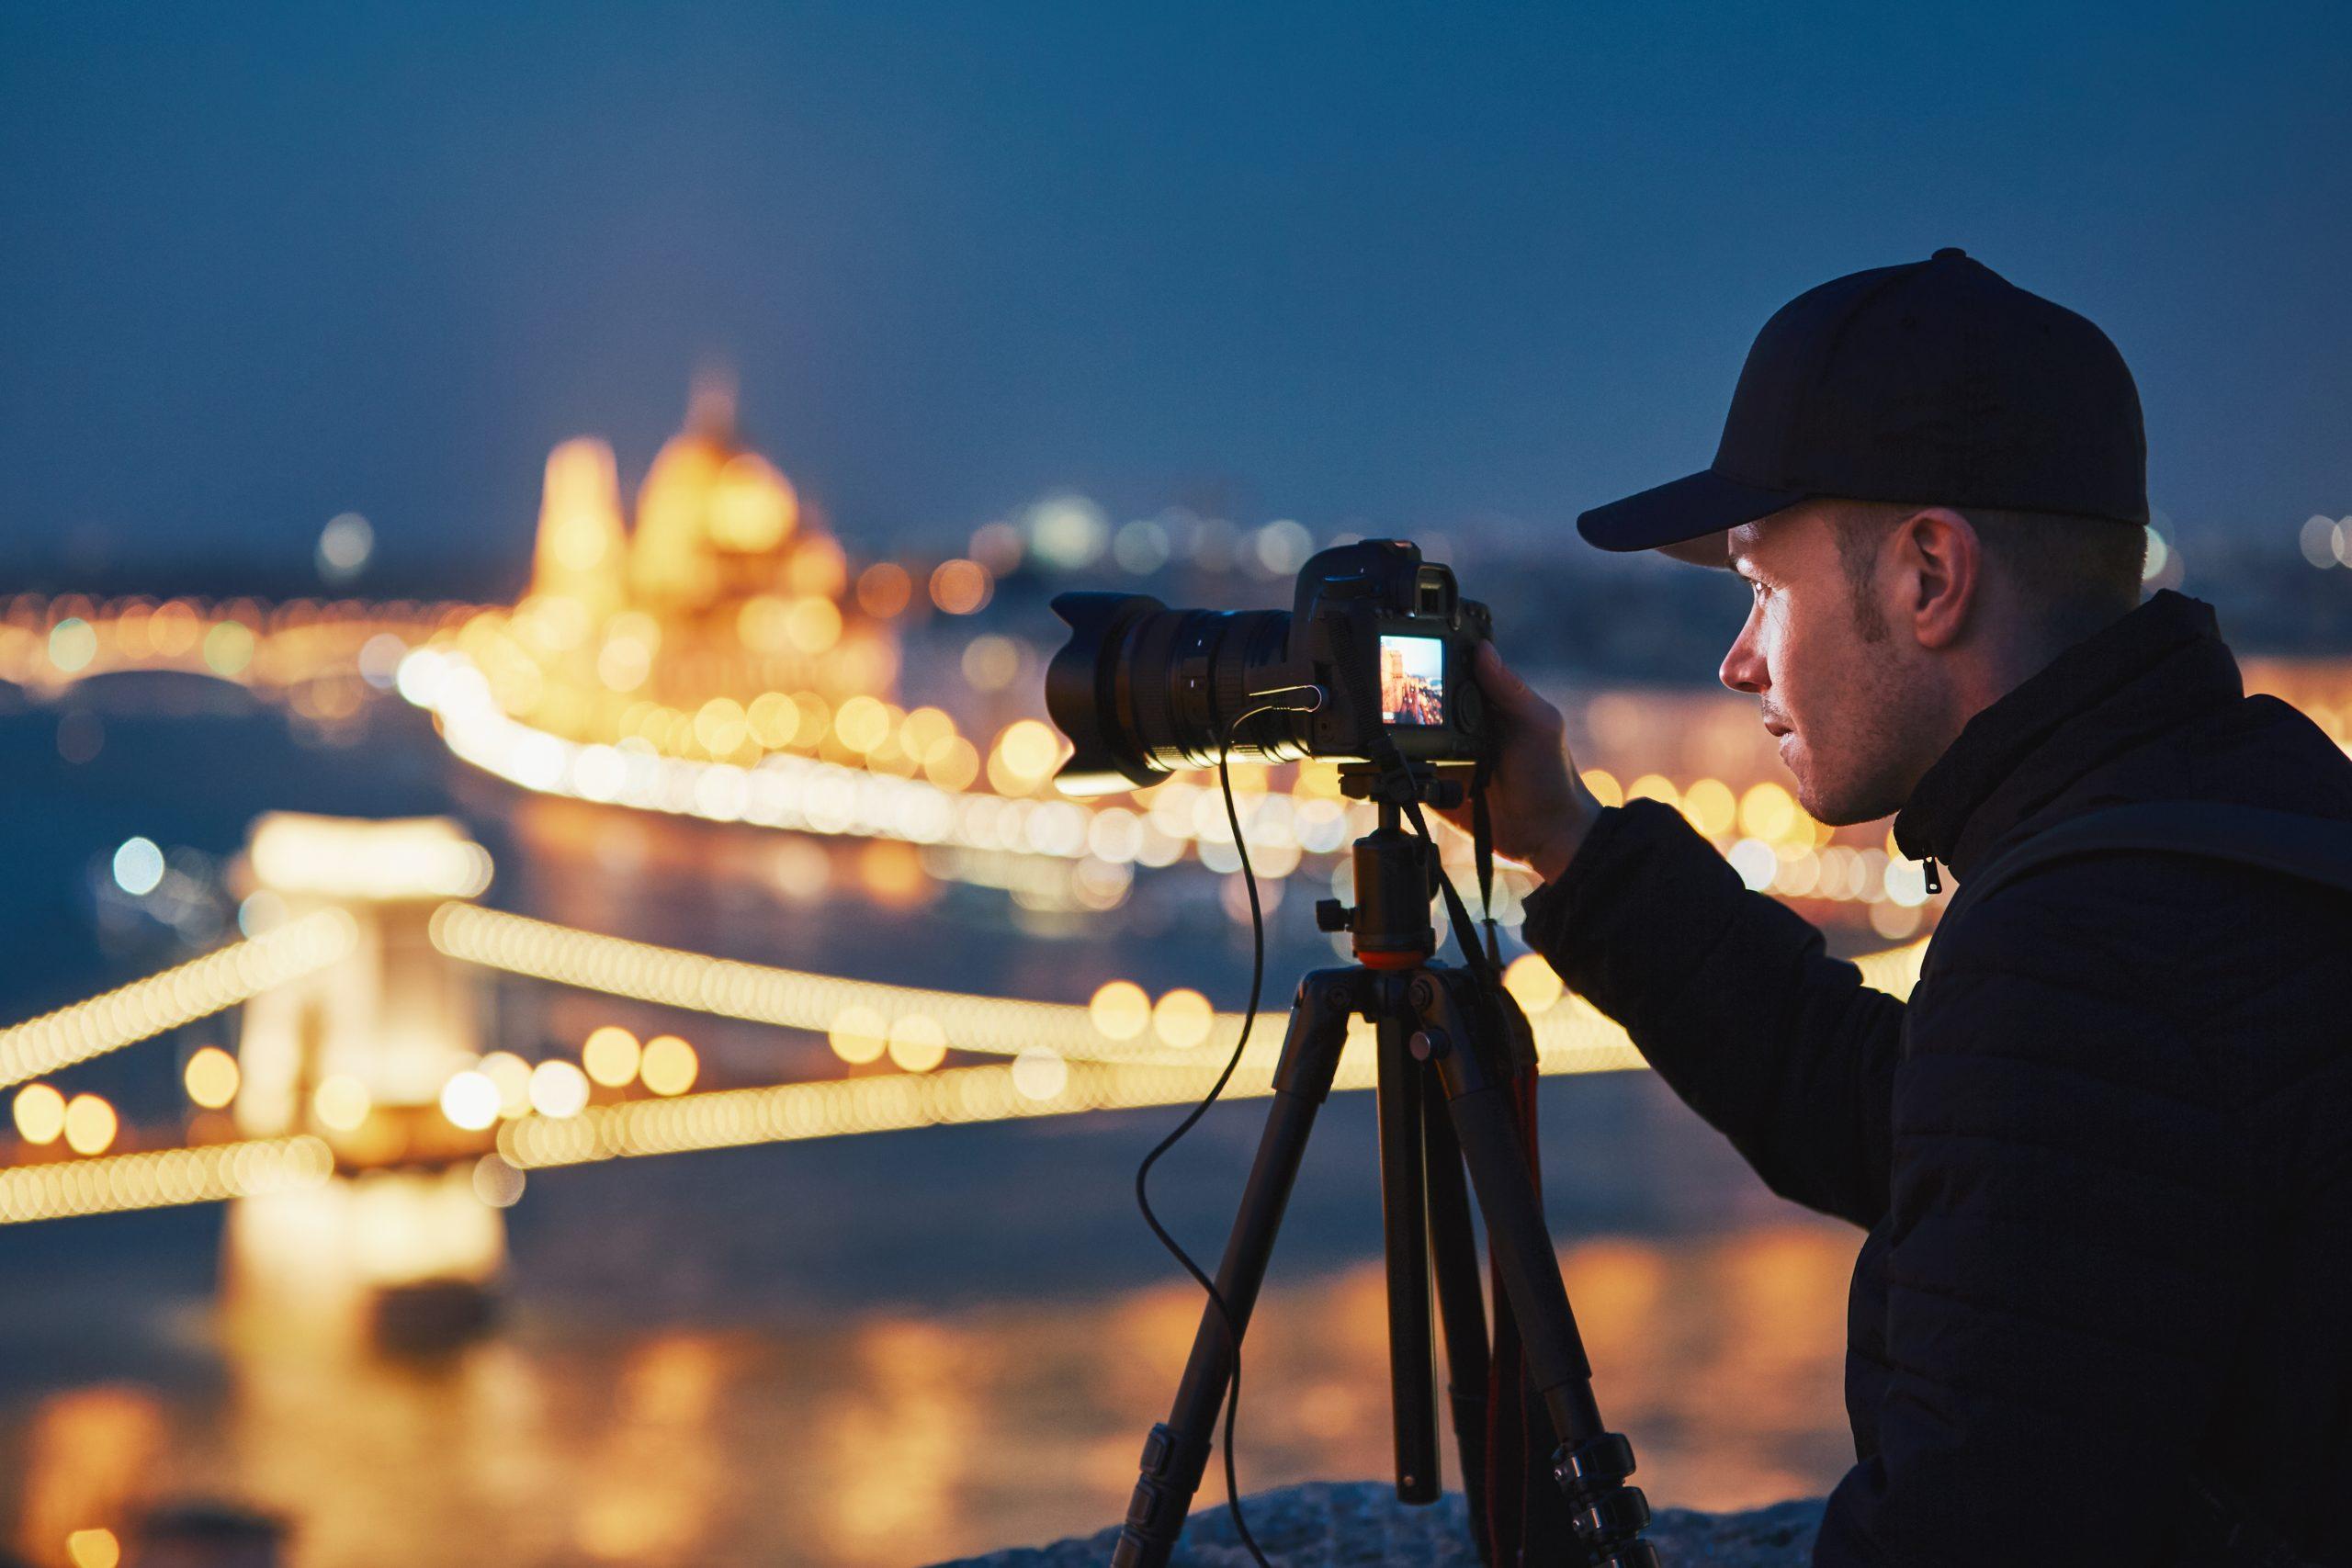 Le B.A BA du photographe sur Instagram (matériel, apprentissage et formation)